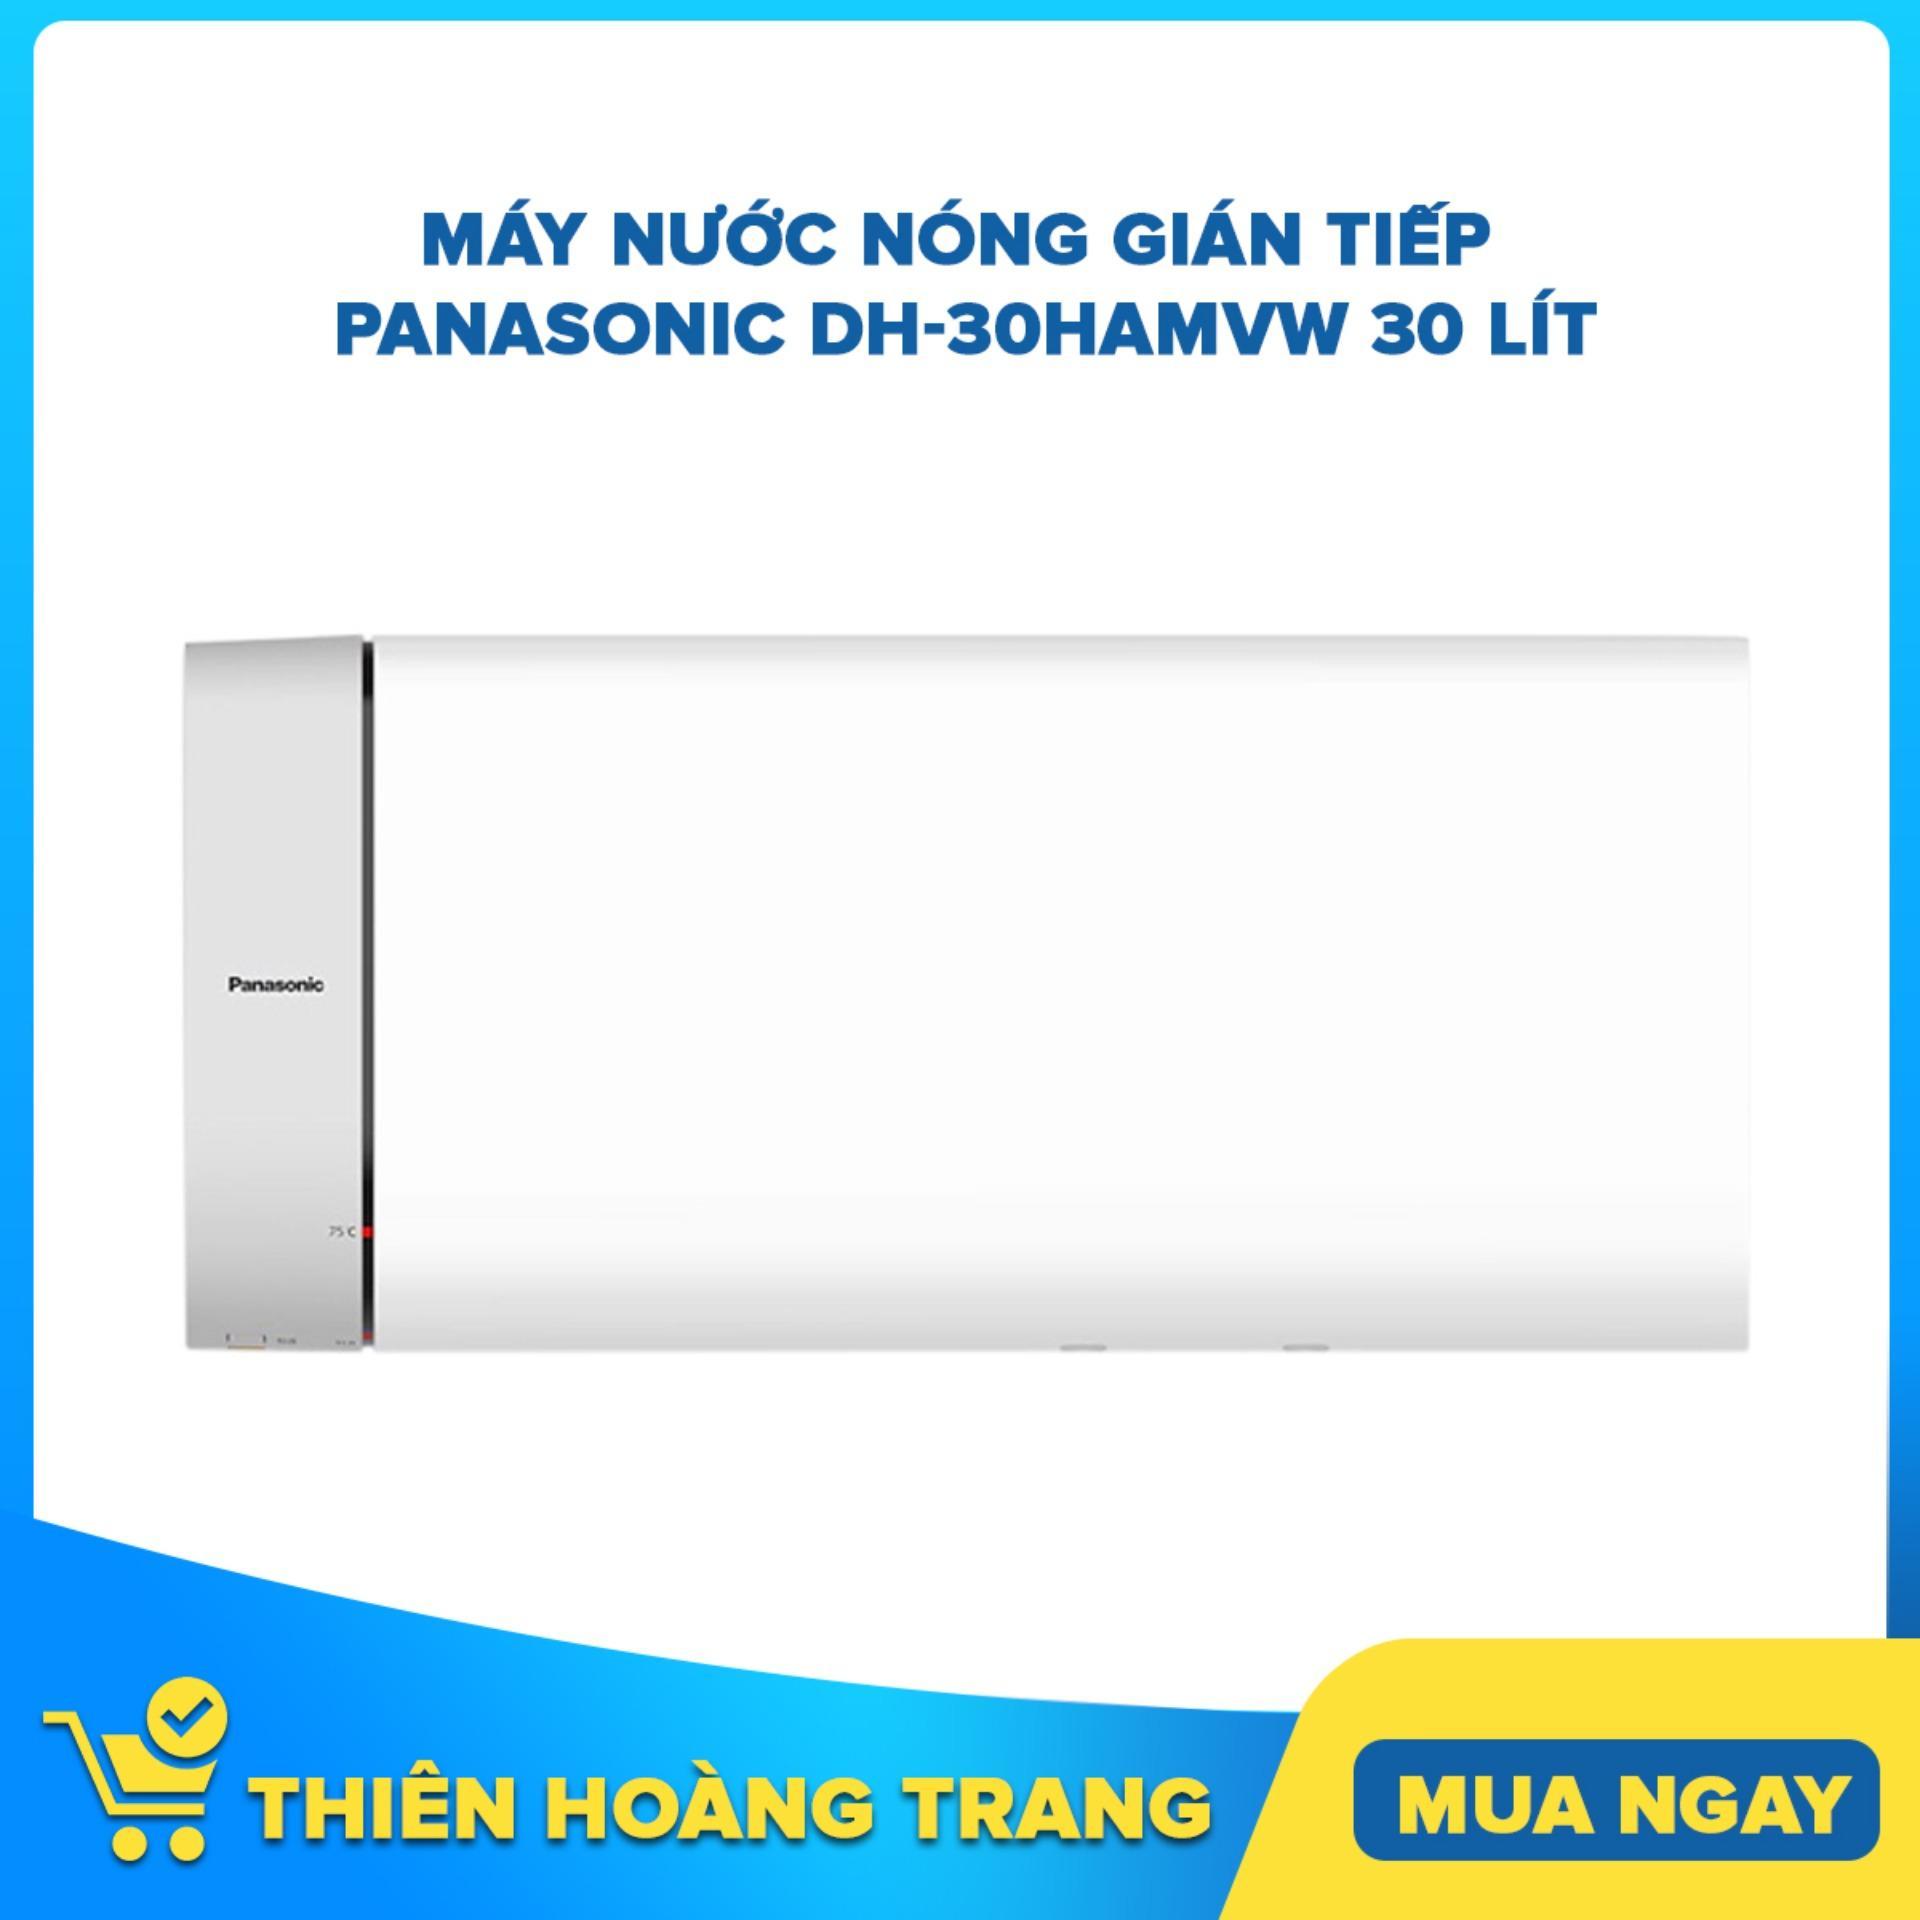 Máy nước nóng gián tiếp Panasonic DH-30HAMVW 30 lít